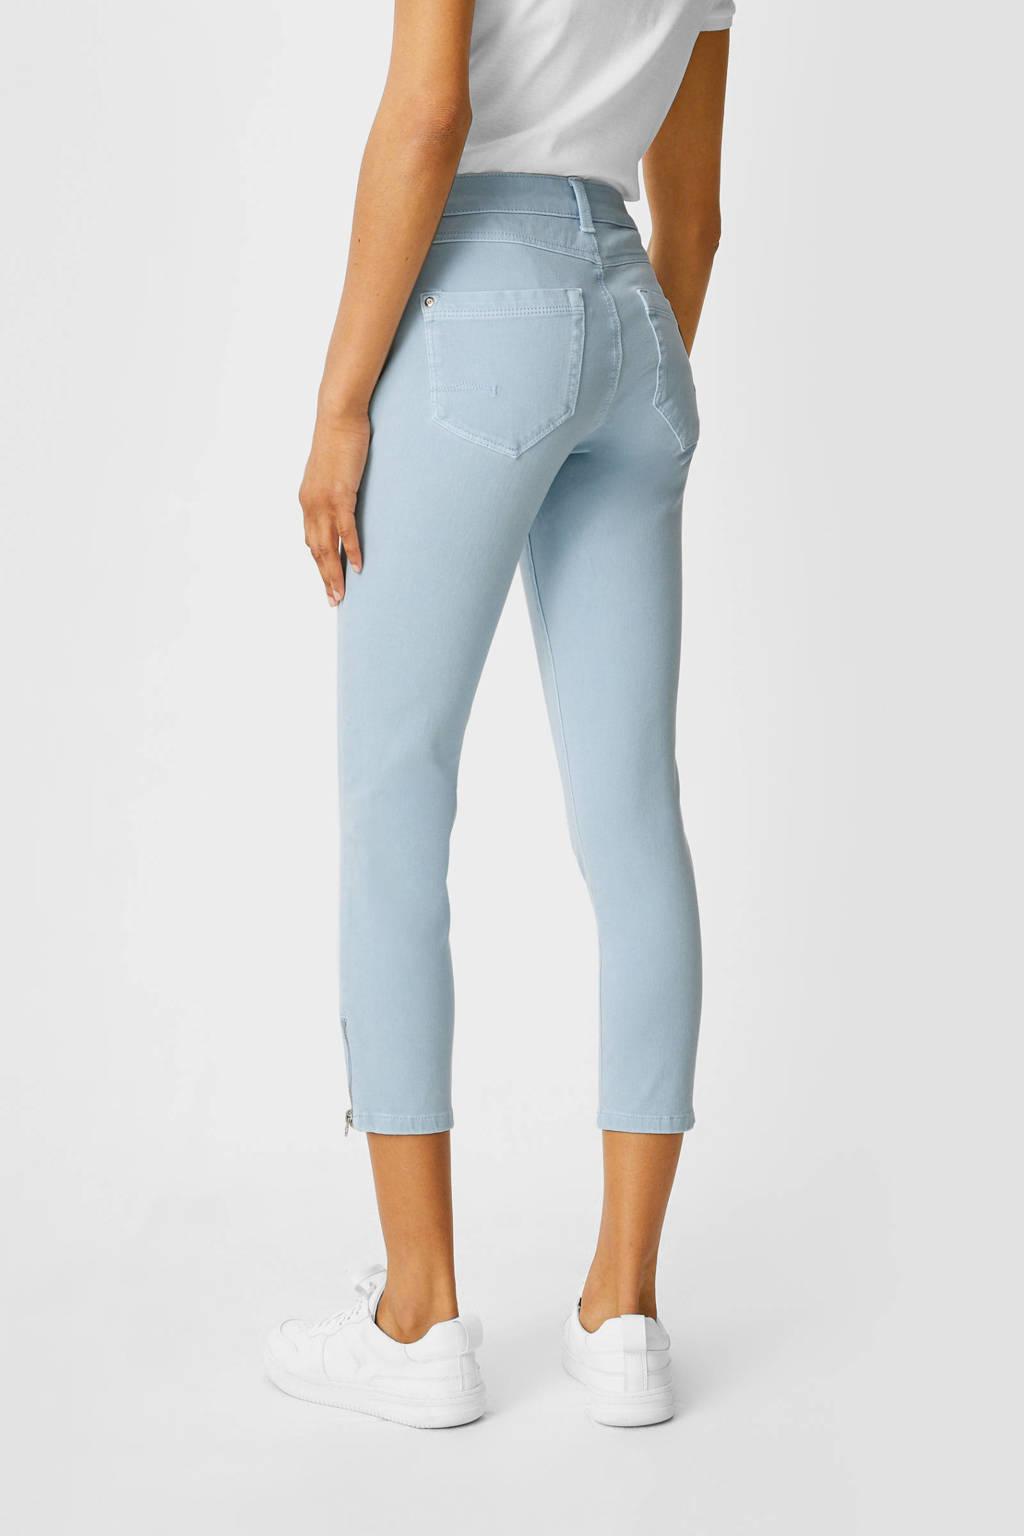 C&A Yessica cropped slim fit broek lichtblauw, Lichtblauw